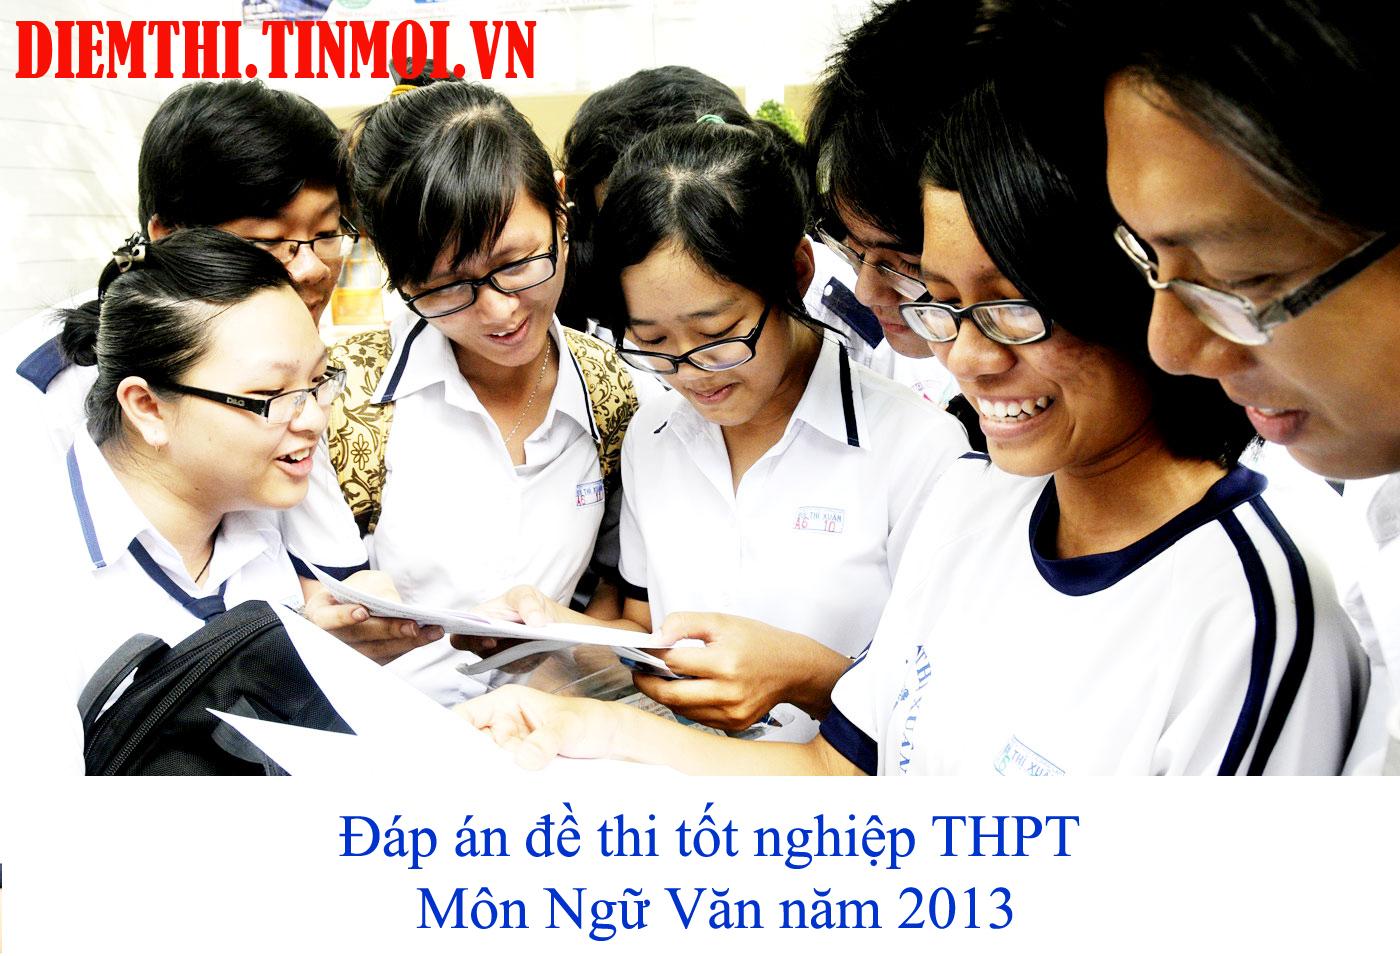 Đáp án đề thi tốt nghiệp THPT môn Ngữ Văn năm 2013